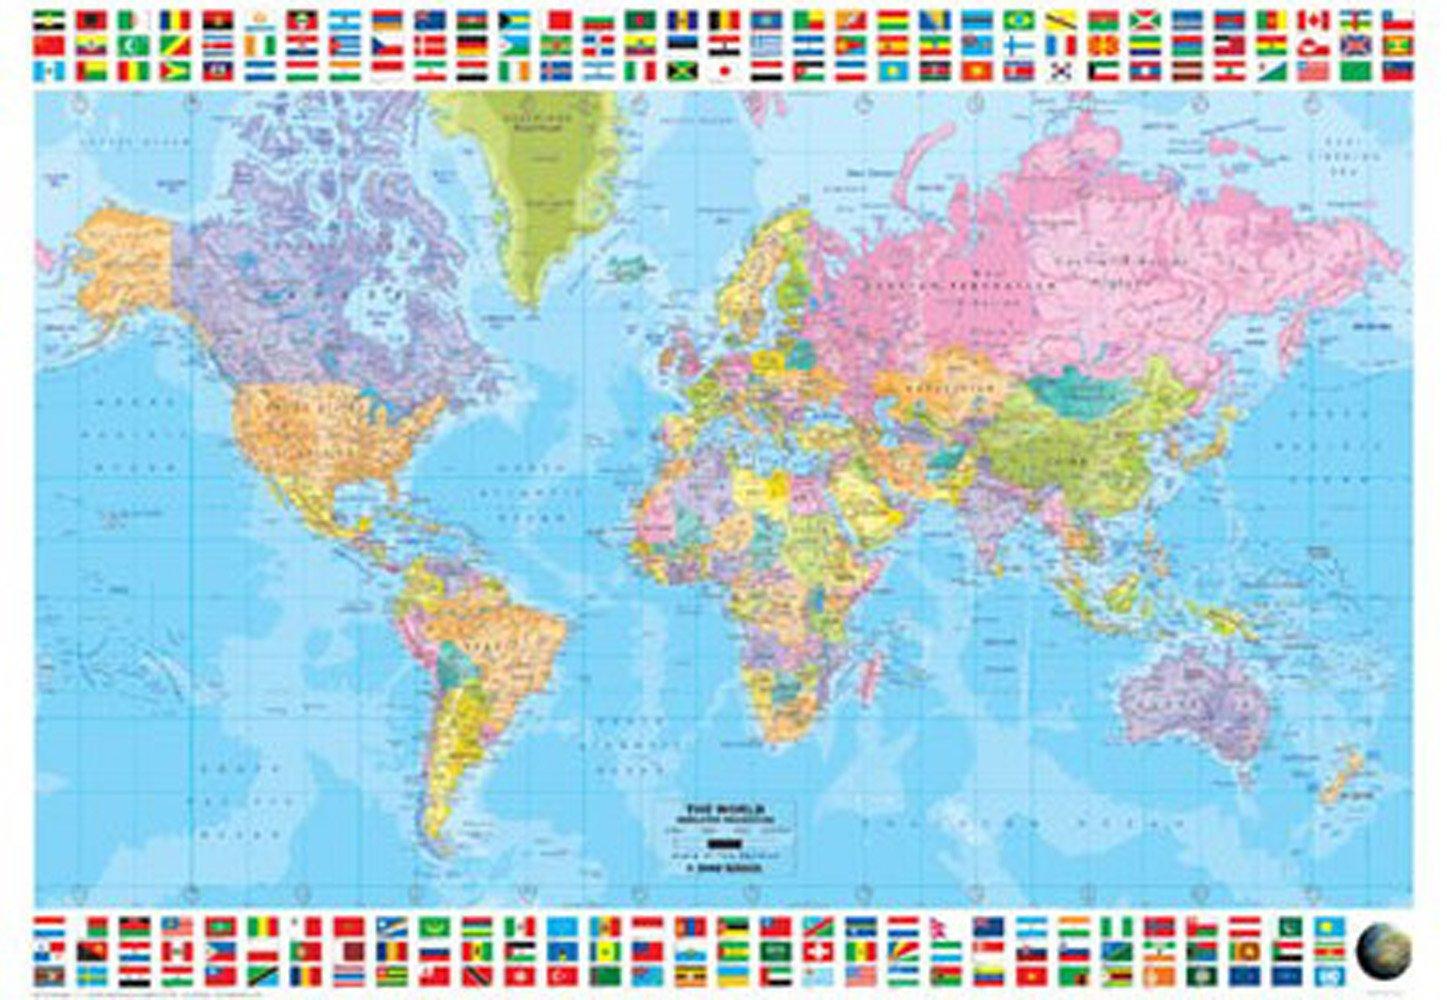 Cartina Muta Del Planisfero.Martire Profondita Tomba Cartina Muta Del Planisfero Amazon Settimanaciclisticalombarda It